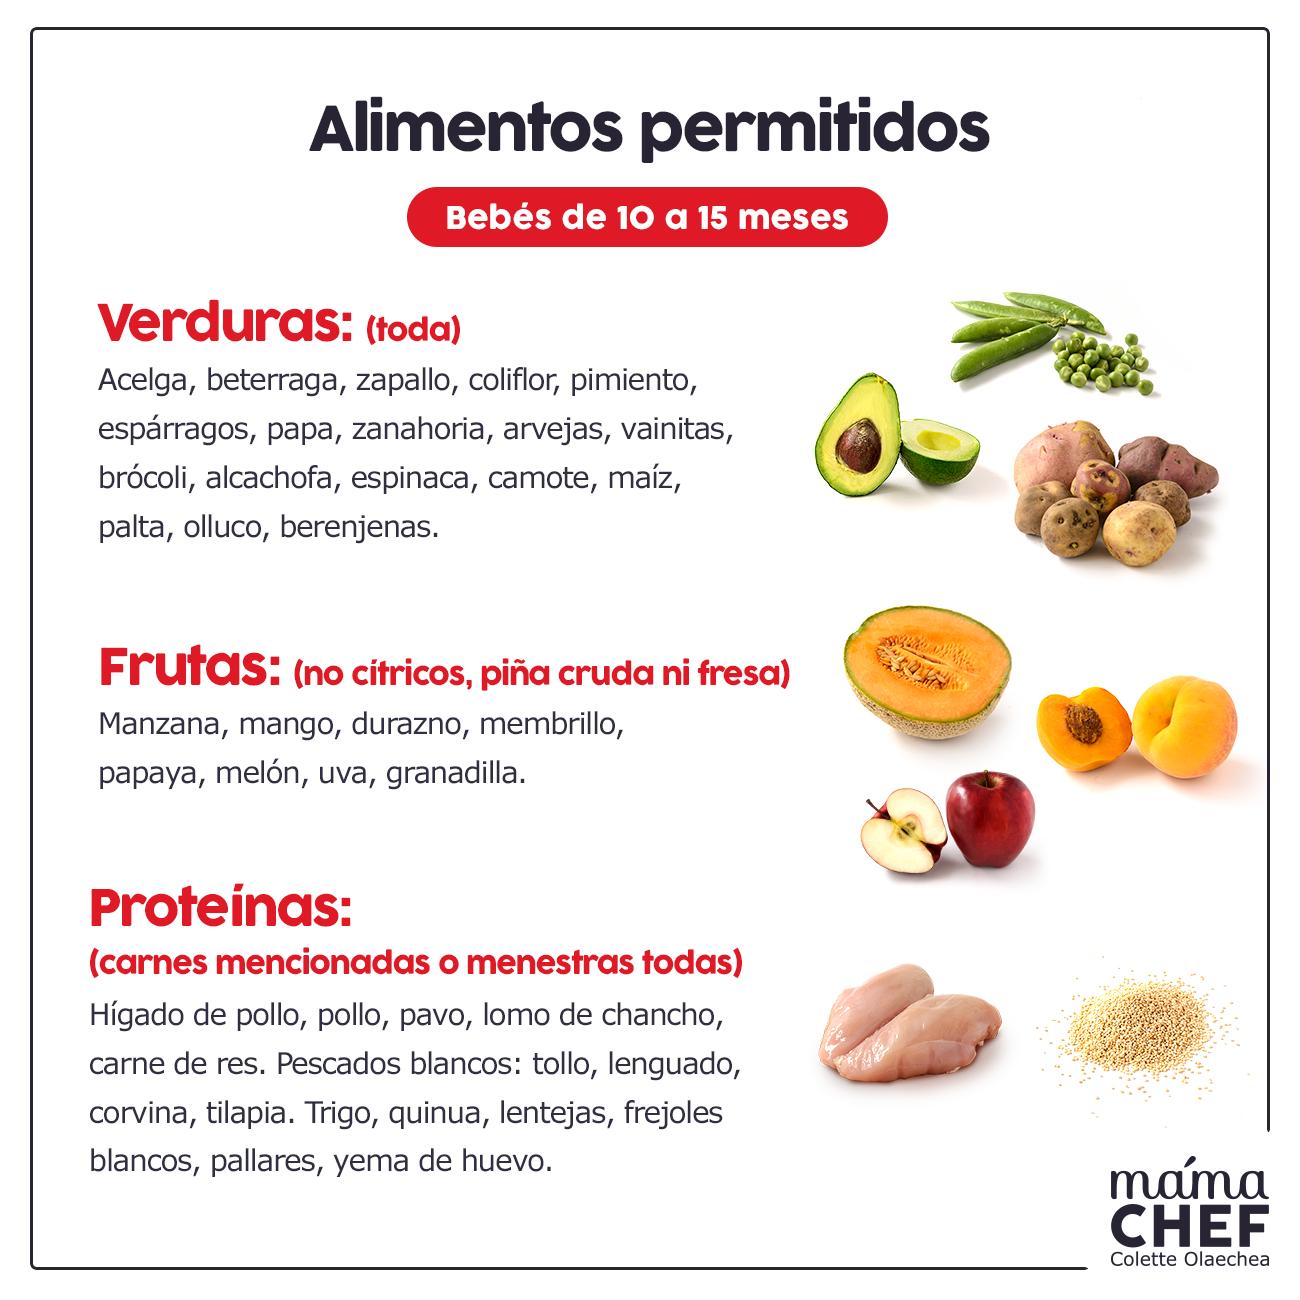 Alimentos permitidos para beb s de 10 a 15 meses mam chef colette olaechea salud bienestar - Alimentos no permitidos en el embarazo ...